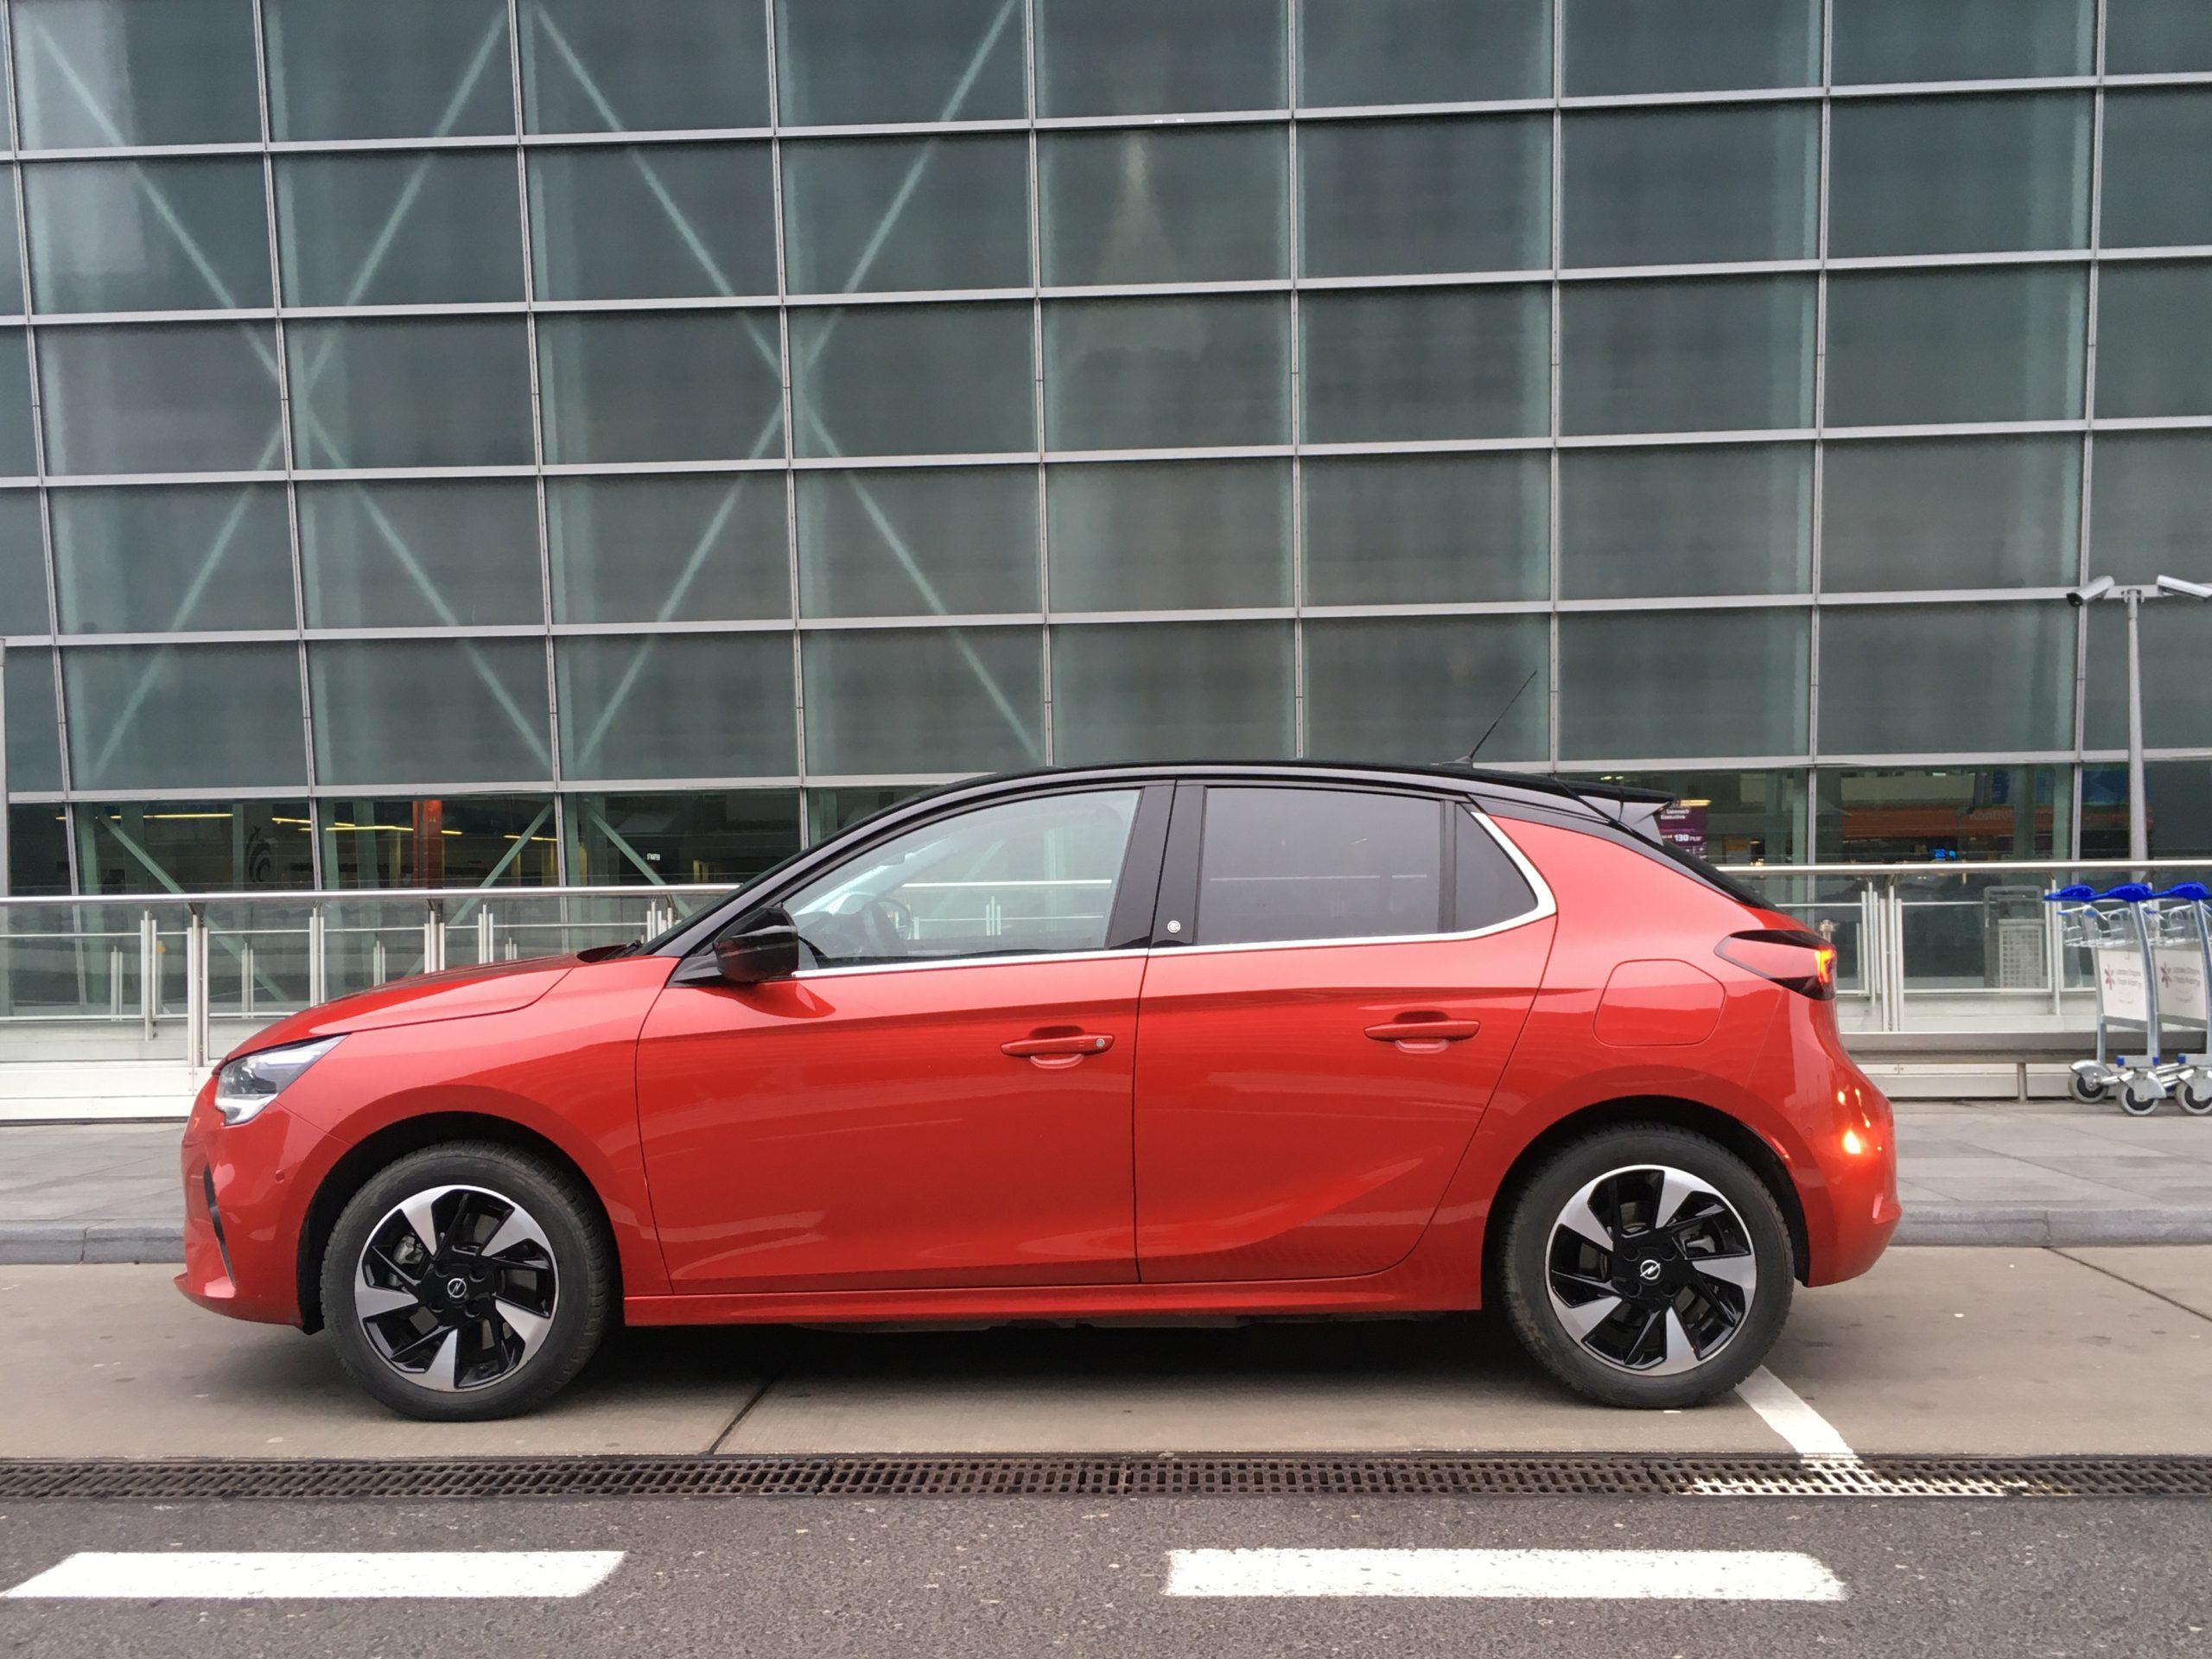 Elektryczny Opel Corsa ma obniżony o 6 cm środek ciężkości